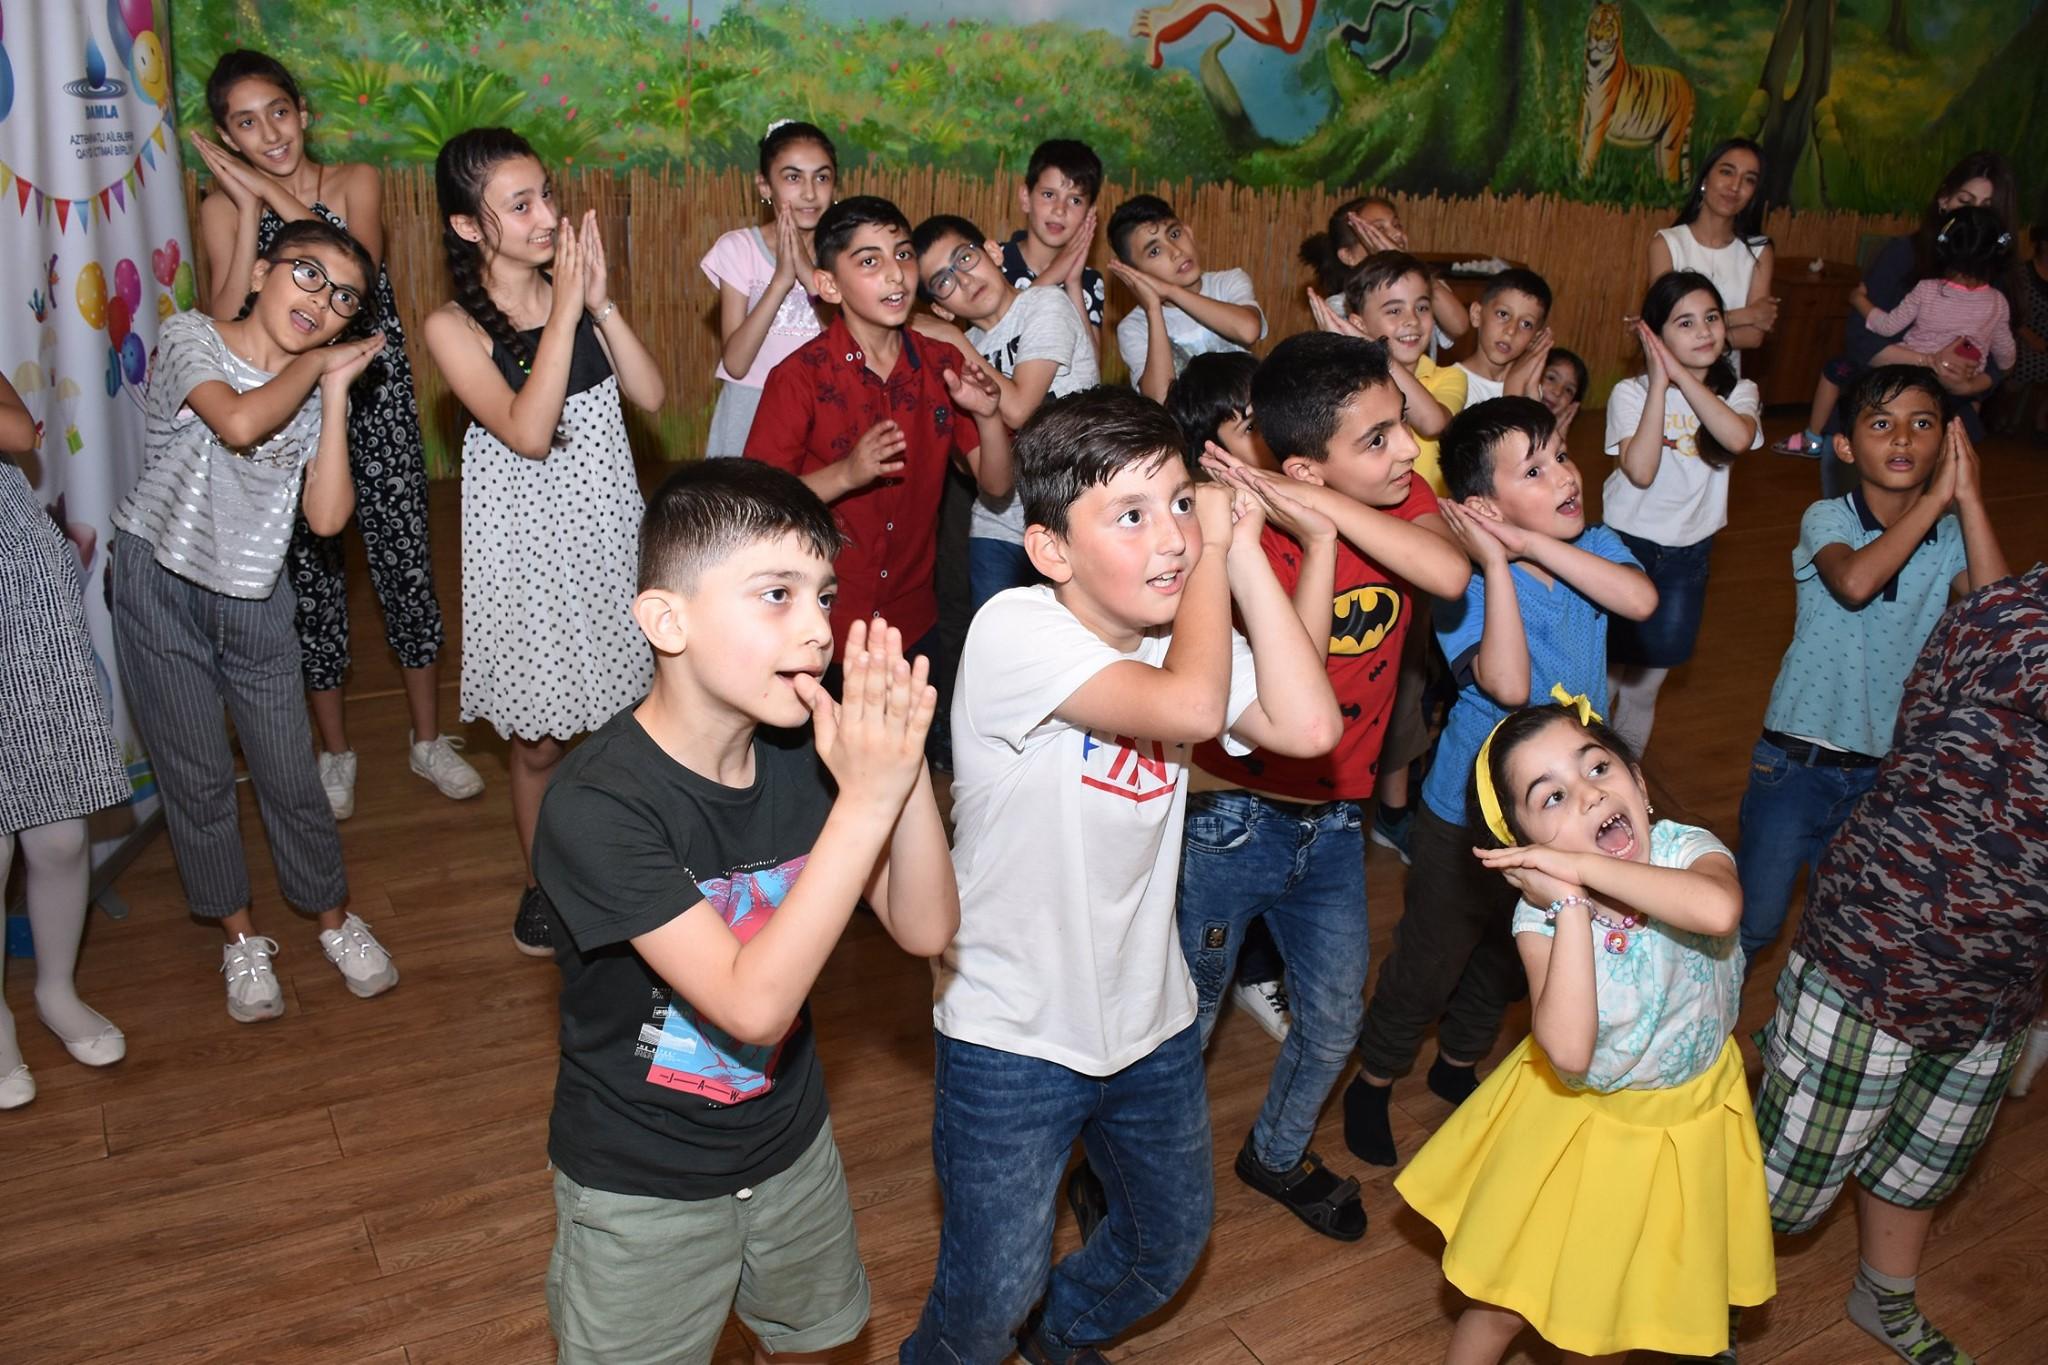 PAŞA Sığorta uşaqlar üçün xeyriyyə tədbiri təşkil edib